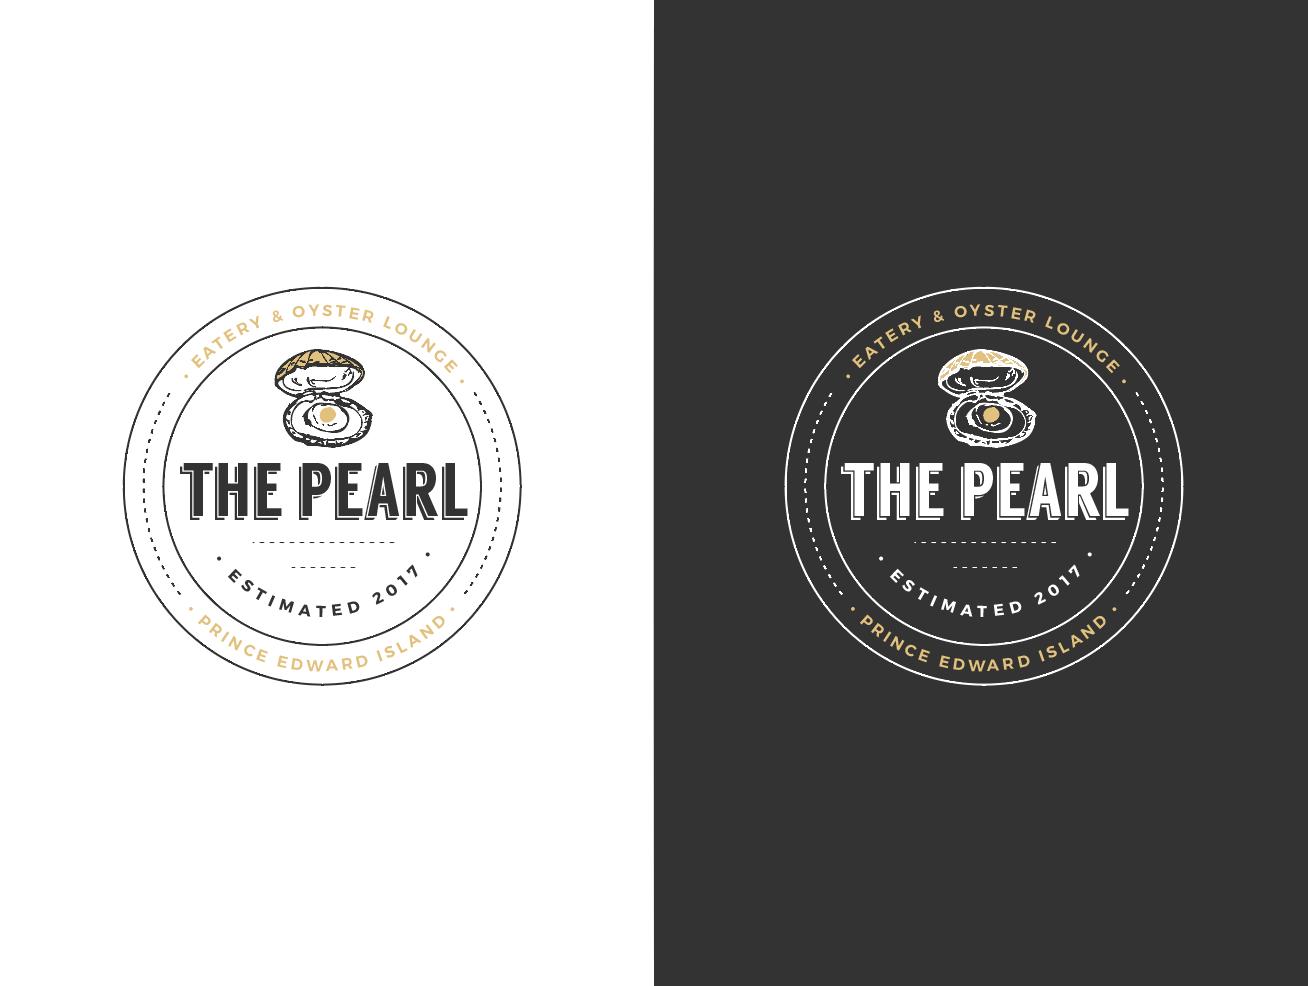 Elegant Upmarket Seafood Restaurant Logo Design For The